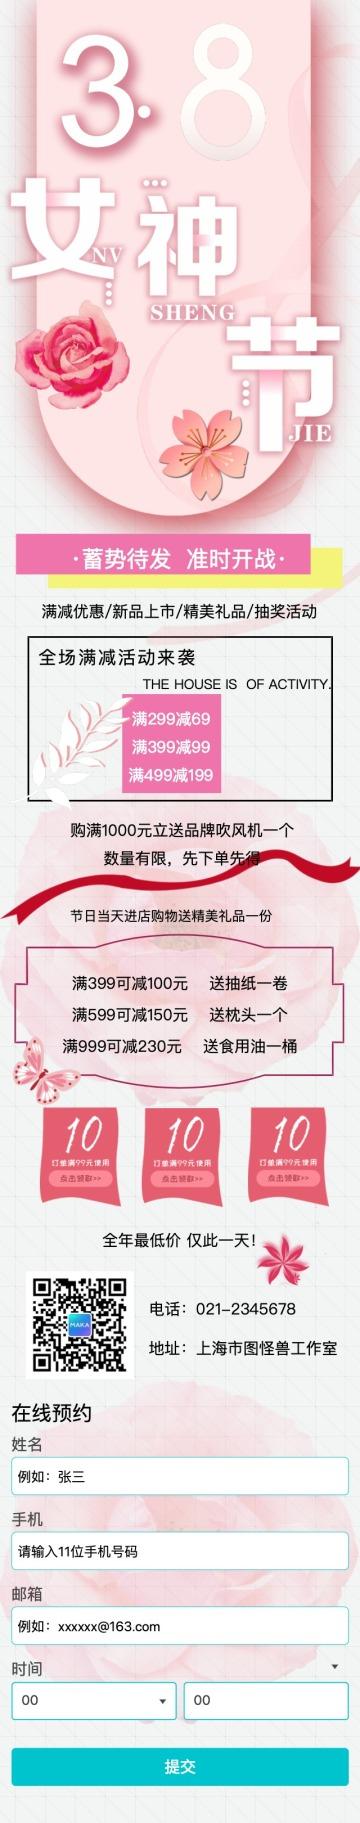 浪漫唯美女神节促销活动单页